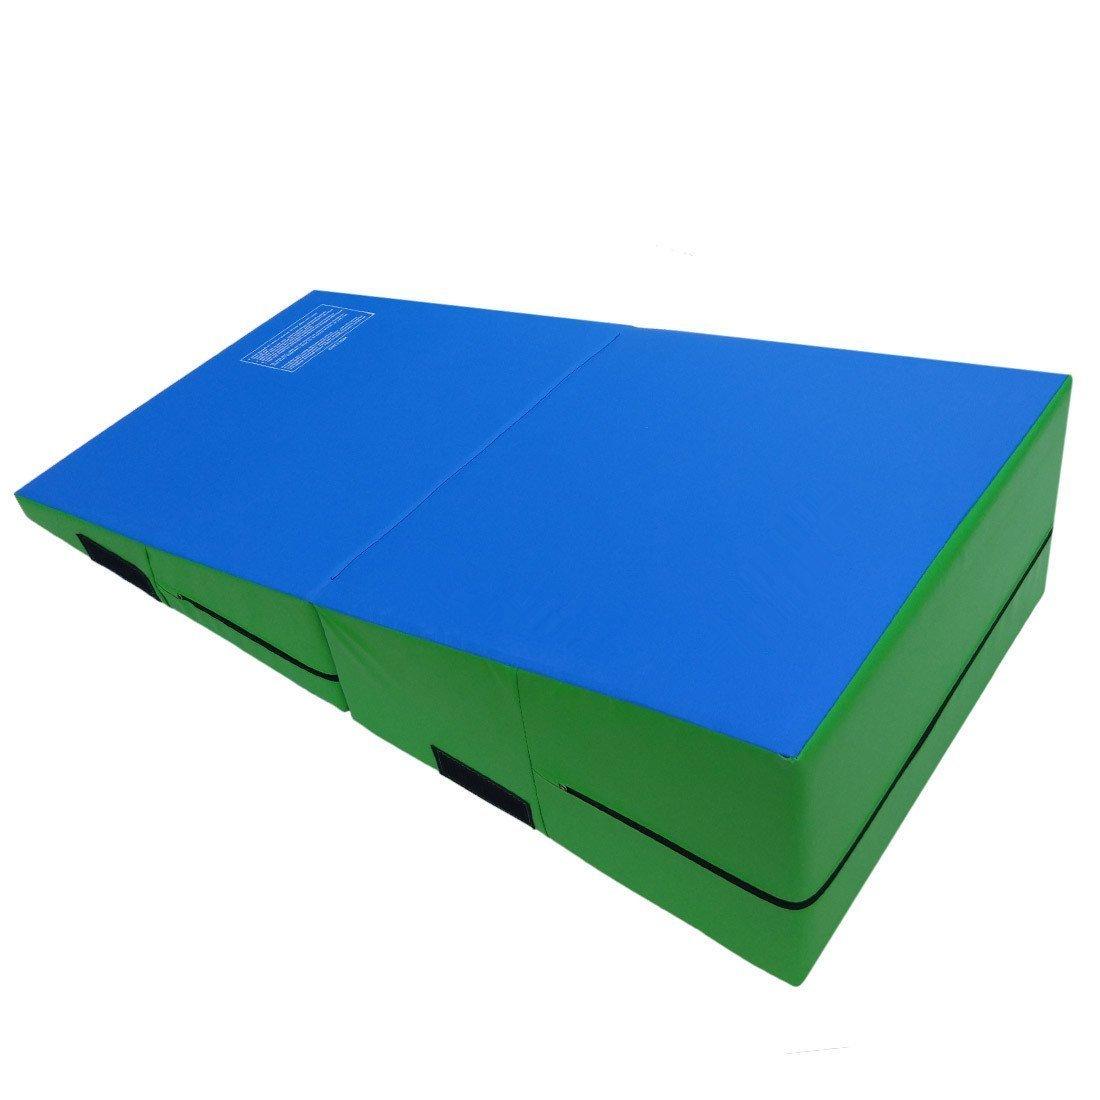 gymnastics wedge pin mat incline pinterest best sale mats for